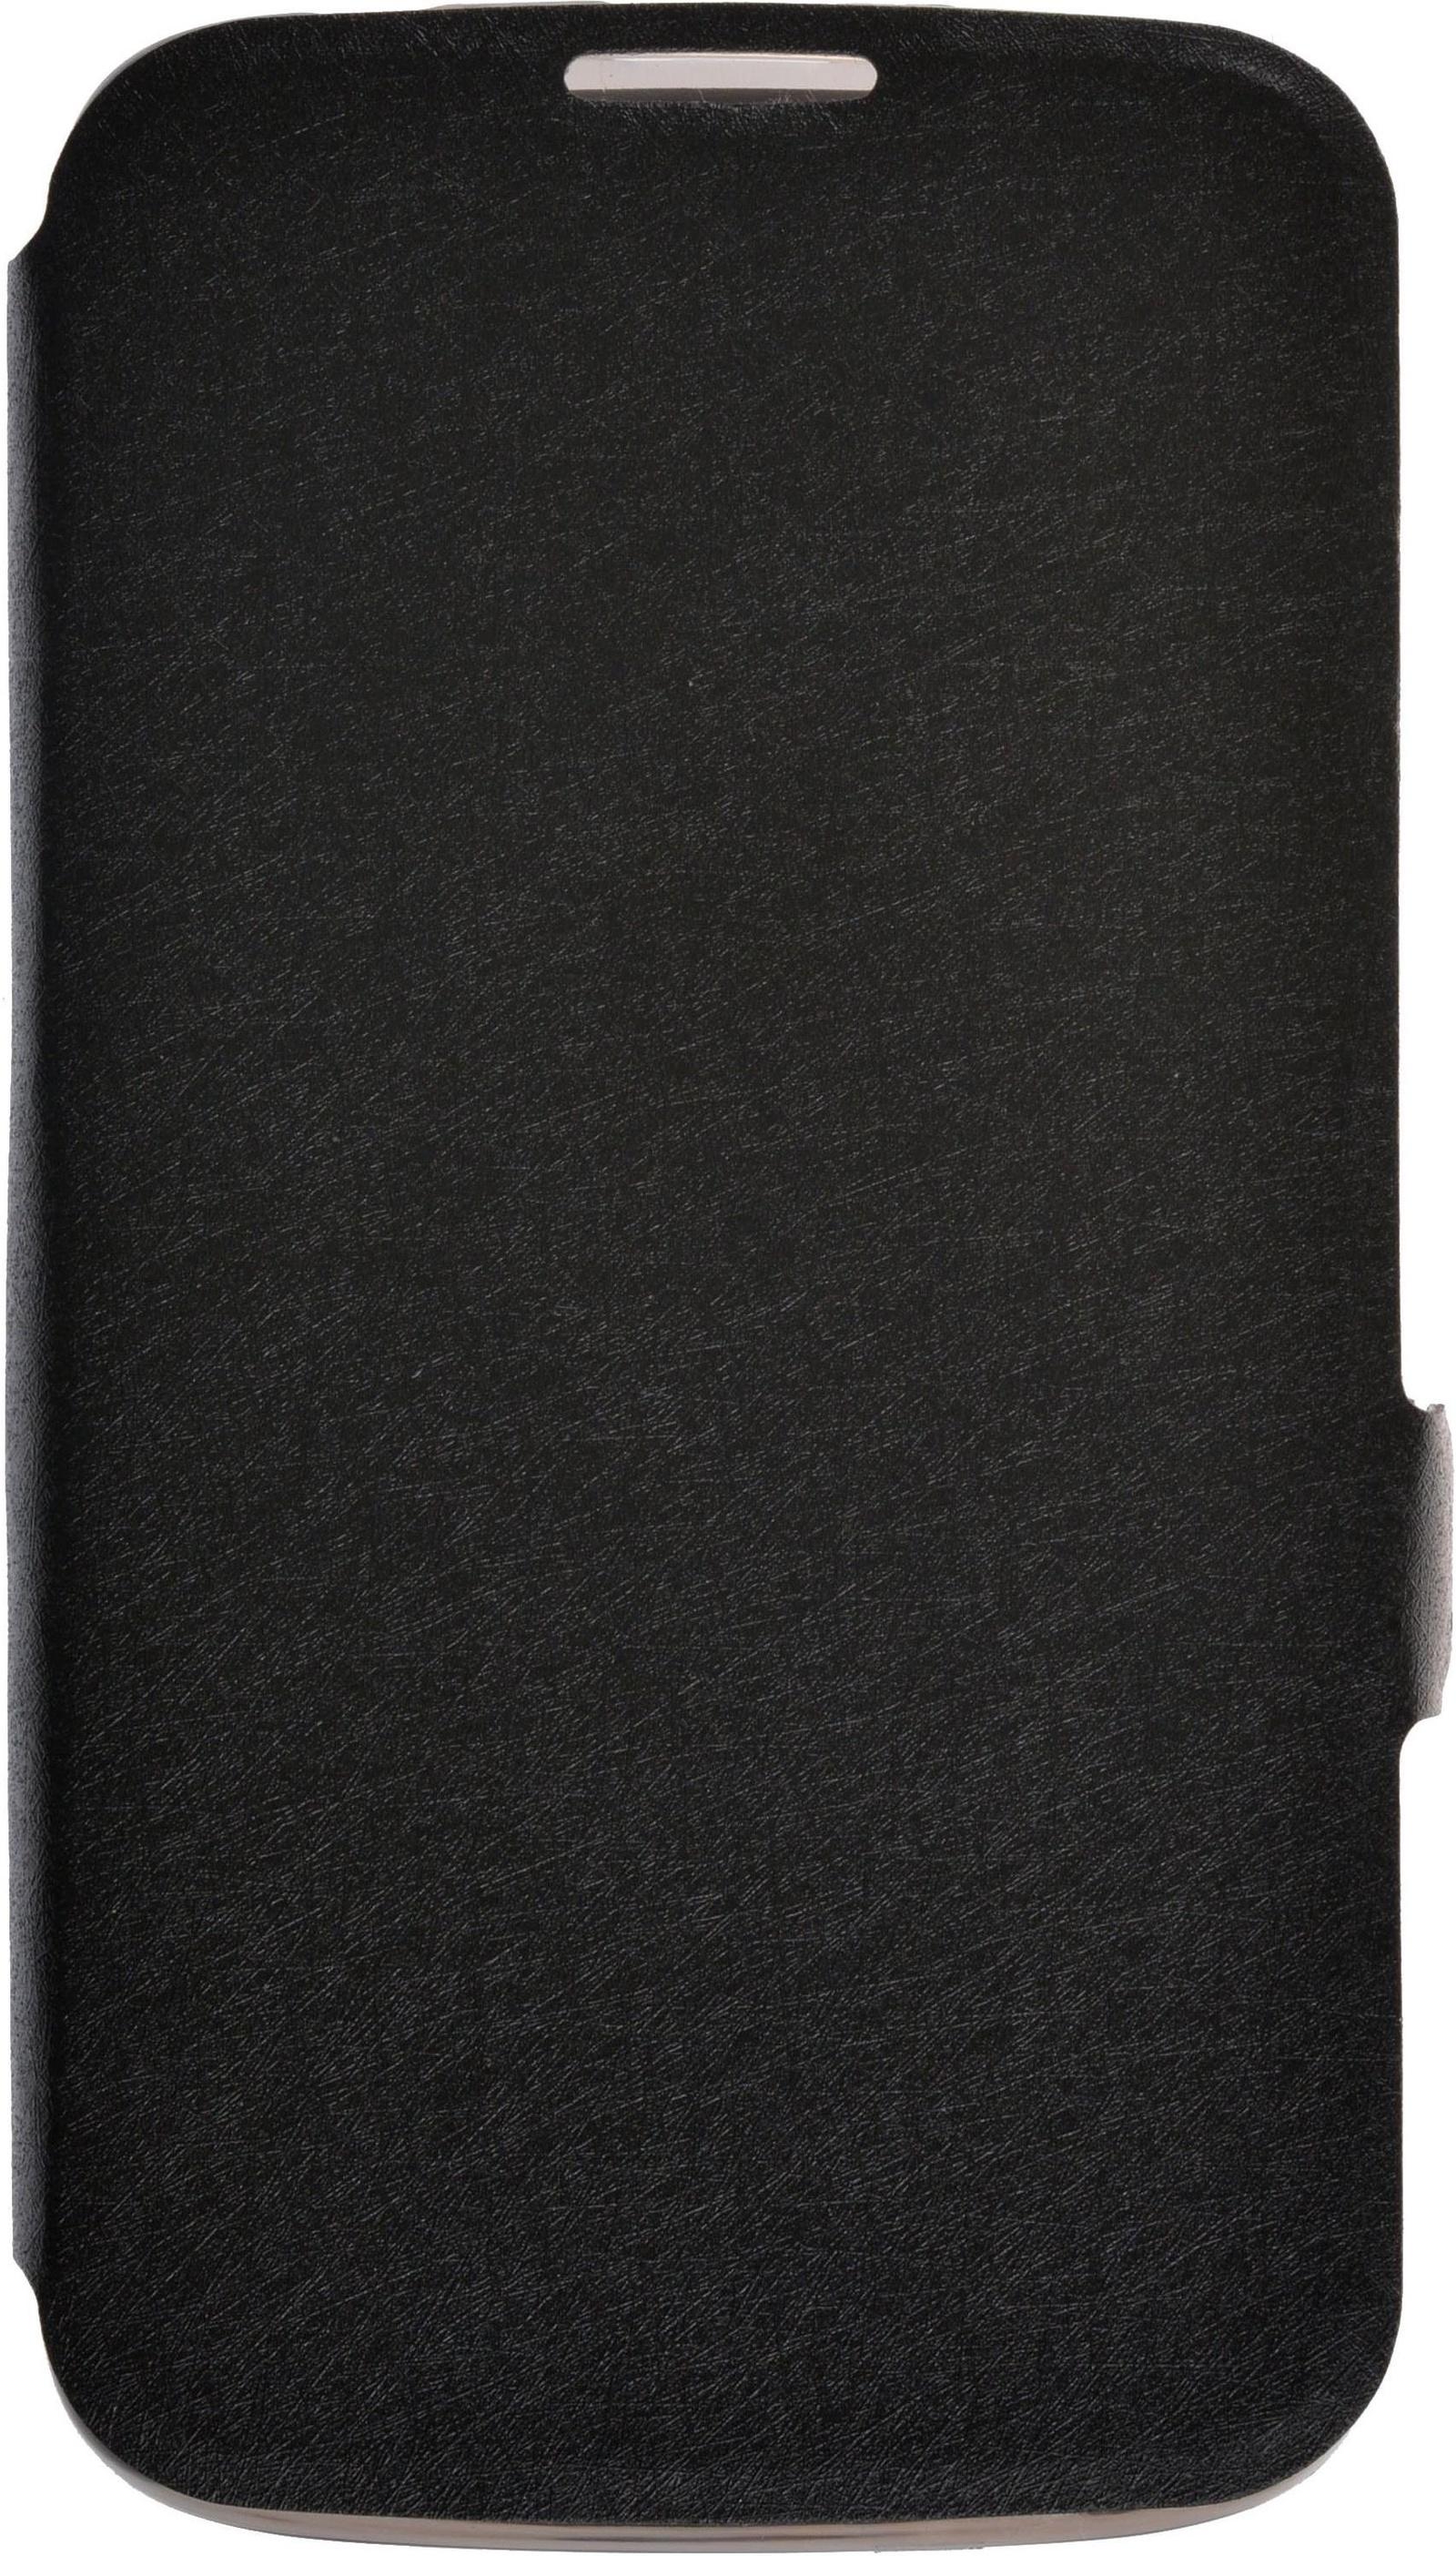 Чехол для сотового телефона PRIME Book, 4630042525474, черный недорого